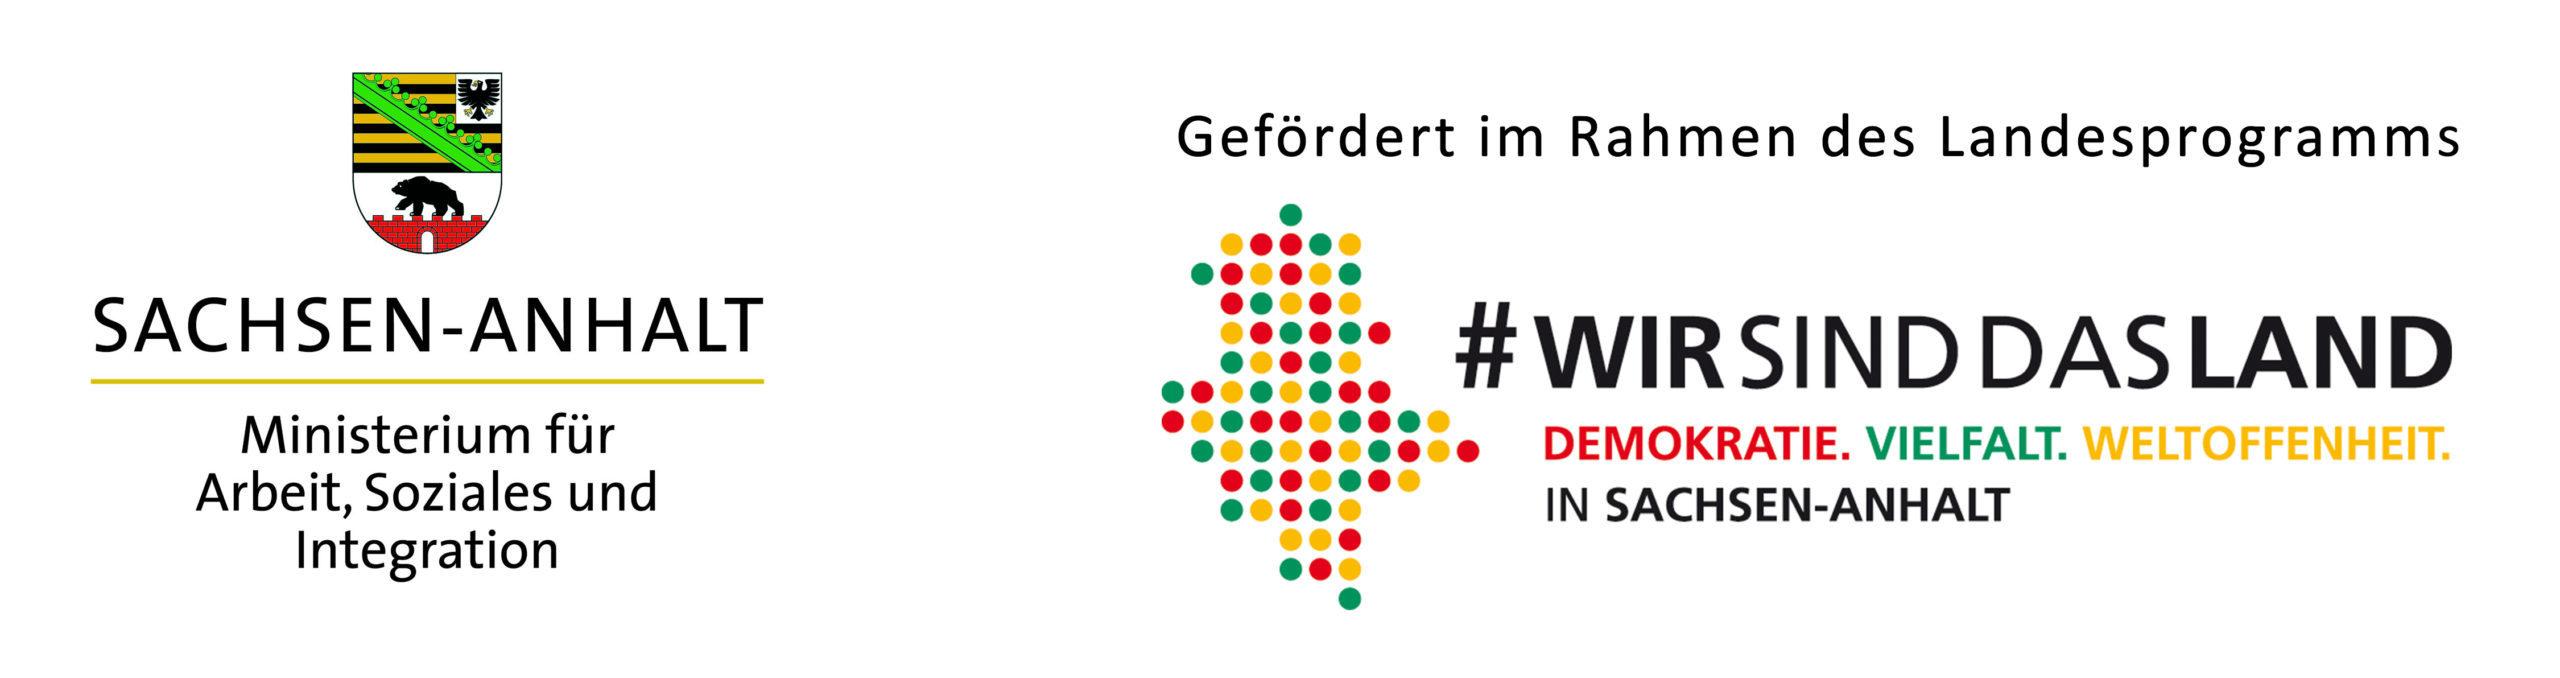 Logo Sachsen-Anhalt - wir sind das Land